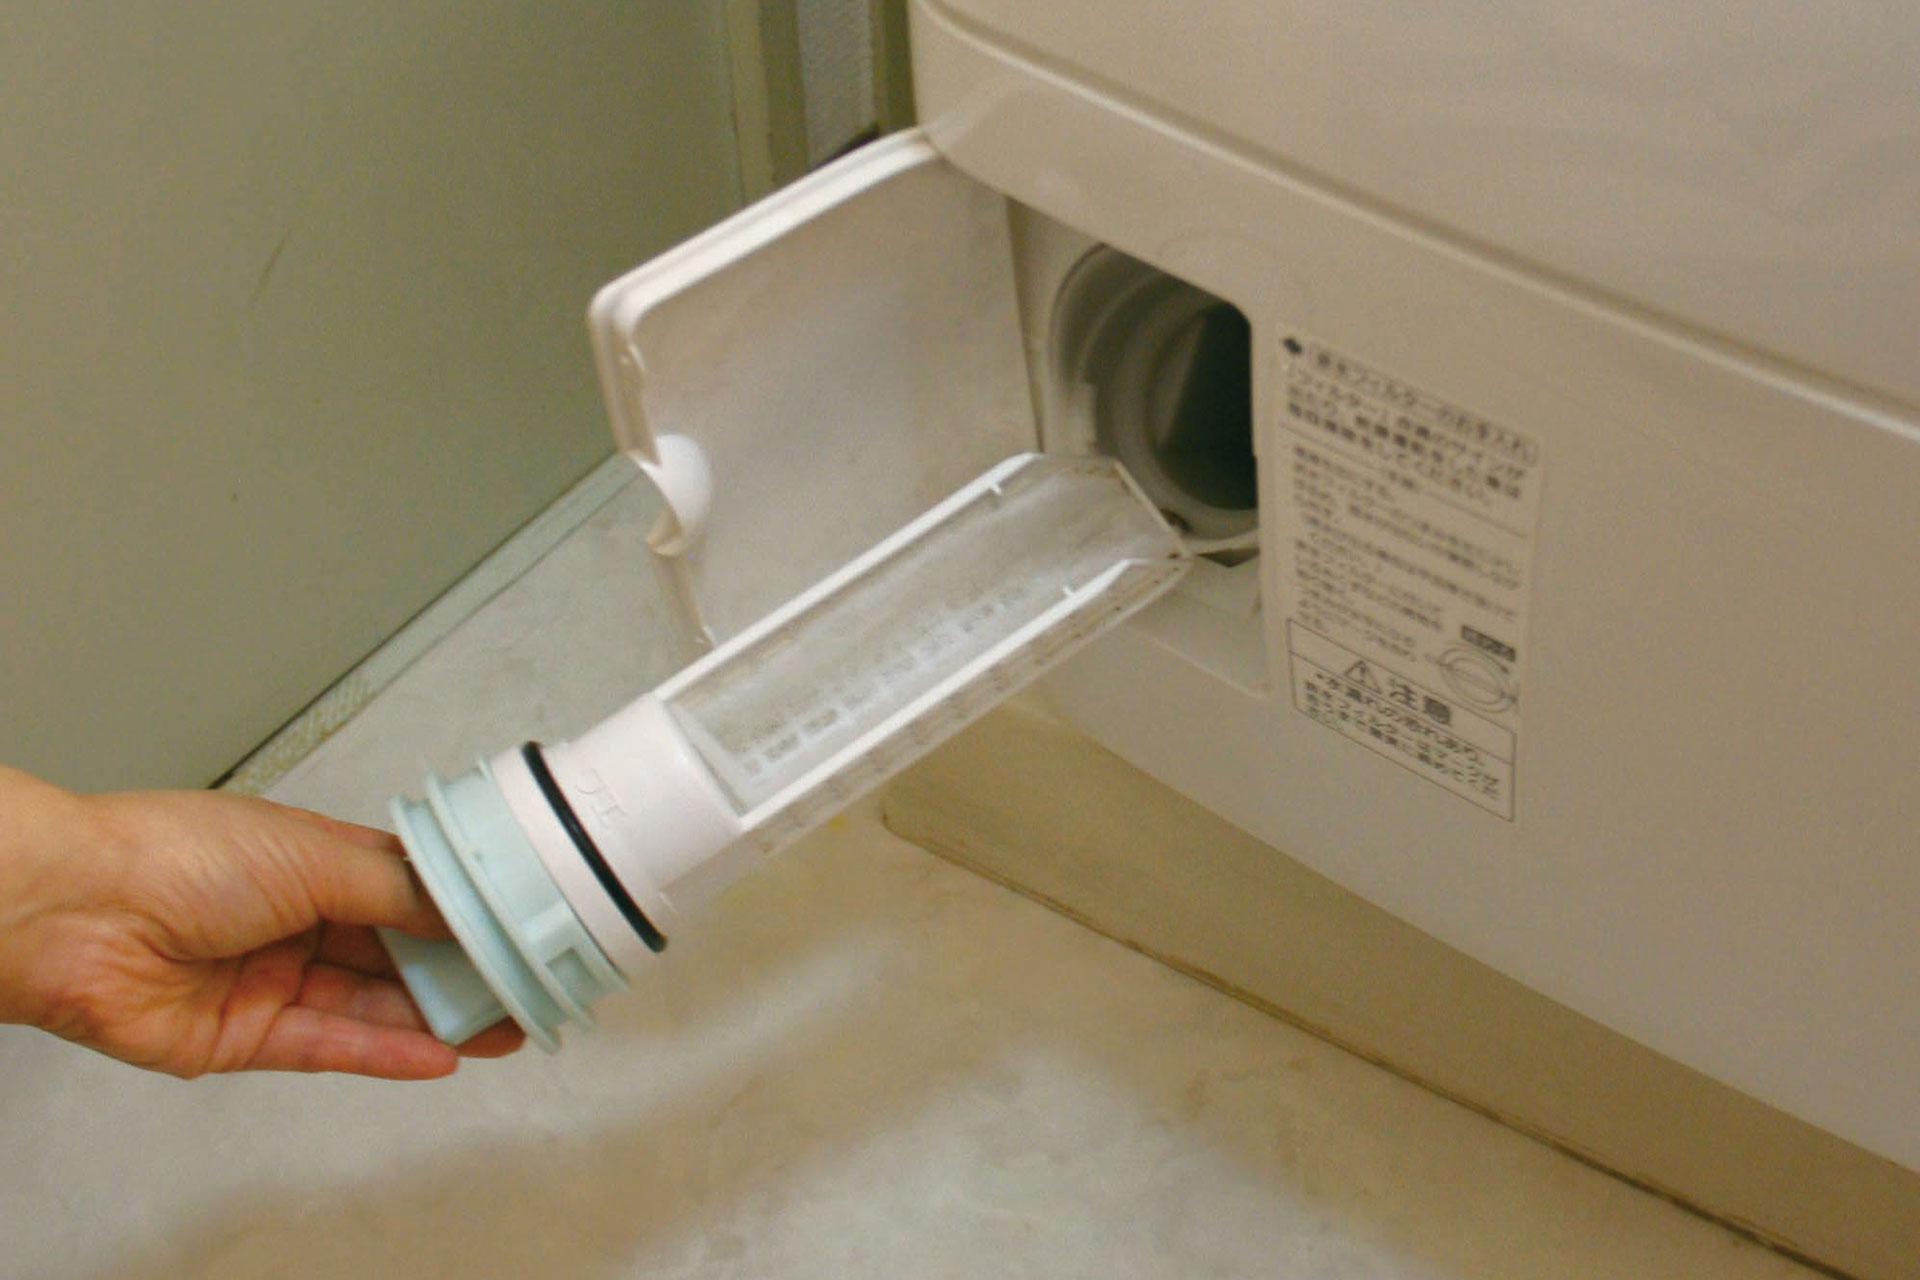 ドラム式洗濯機の毛ごみフィルター(20枚入)